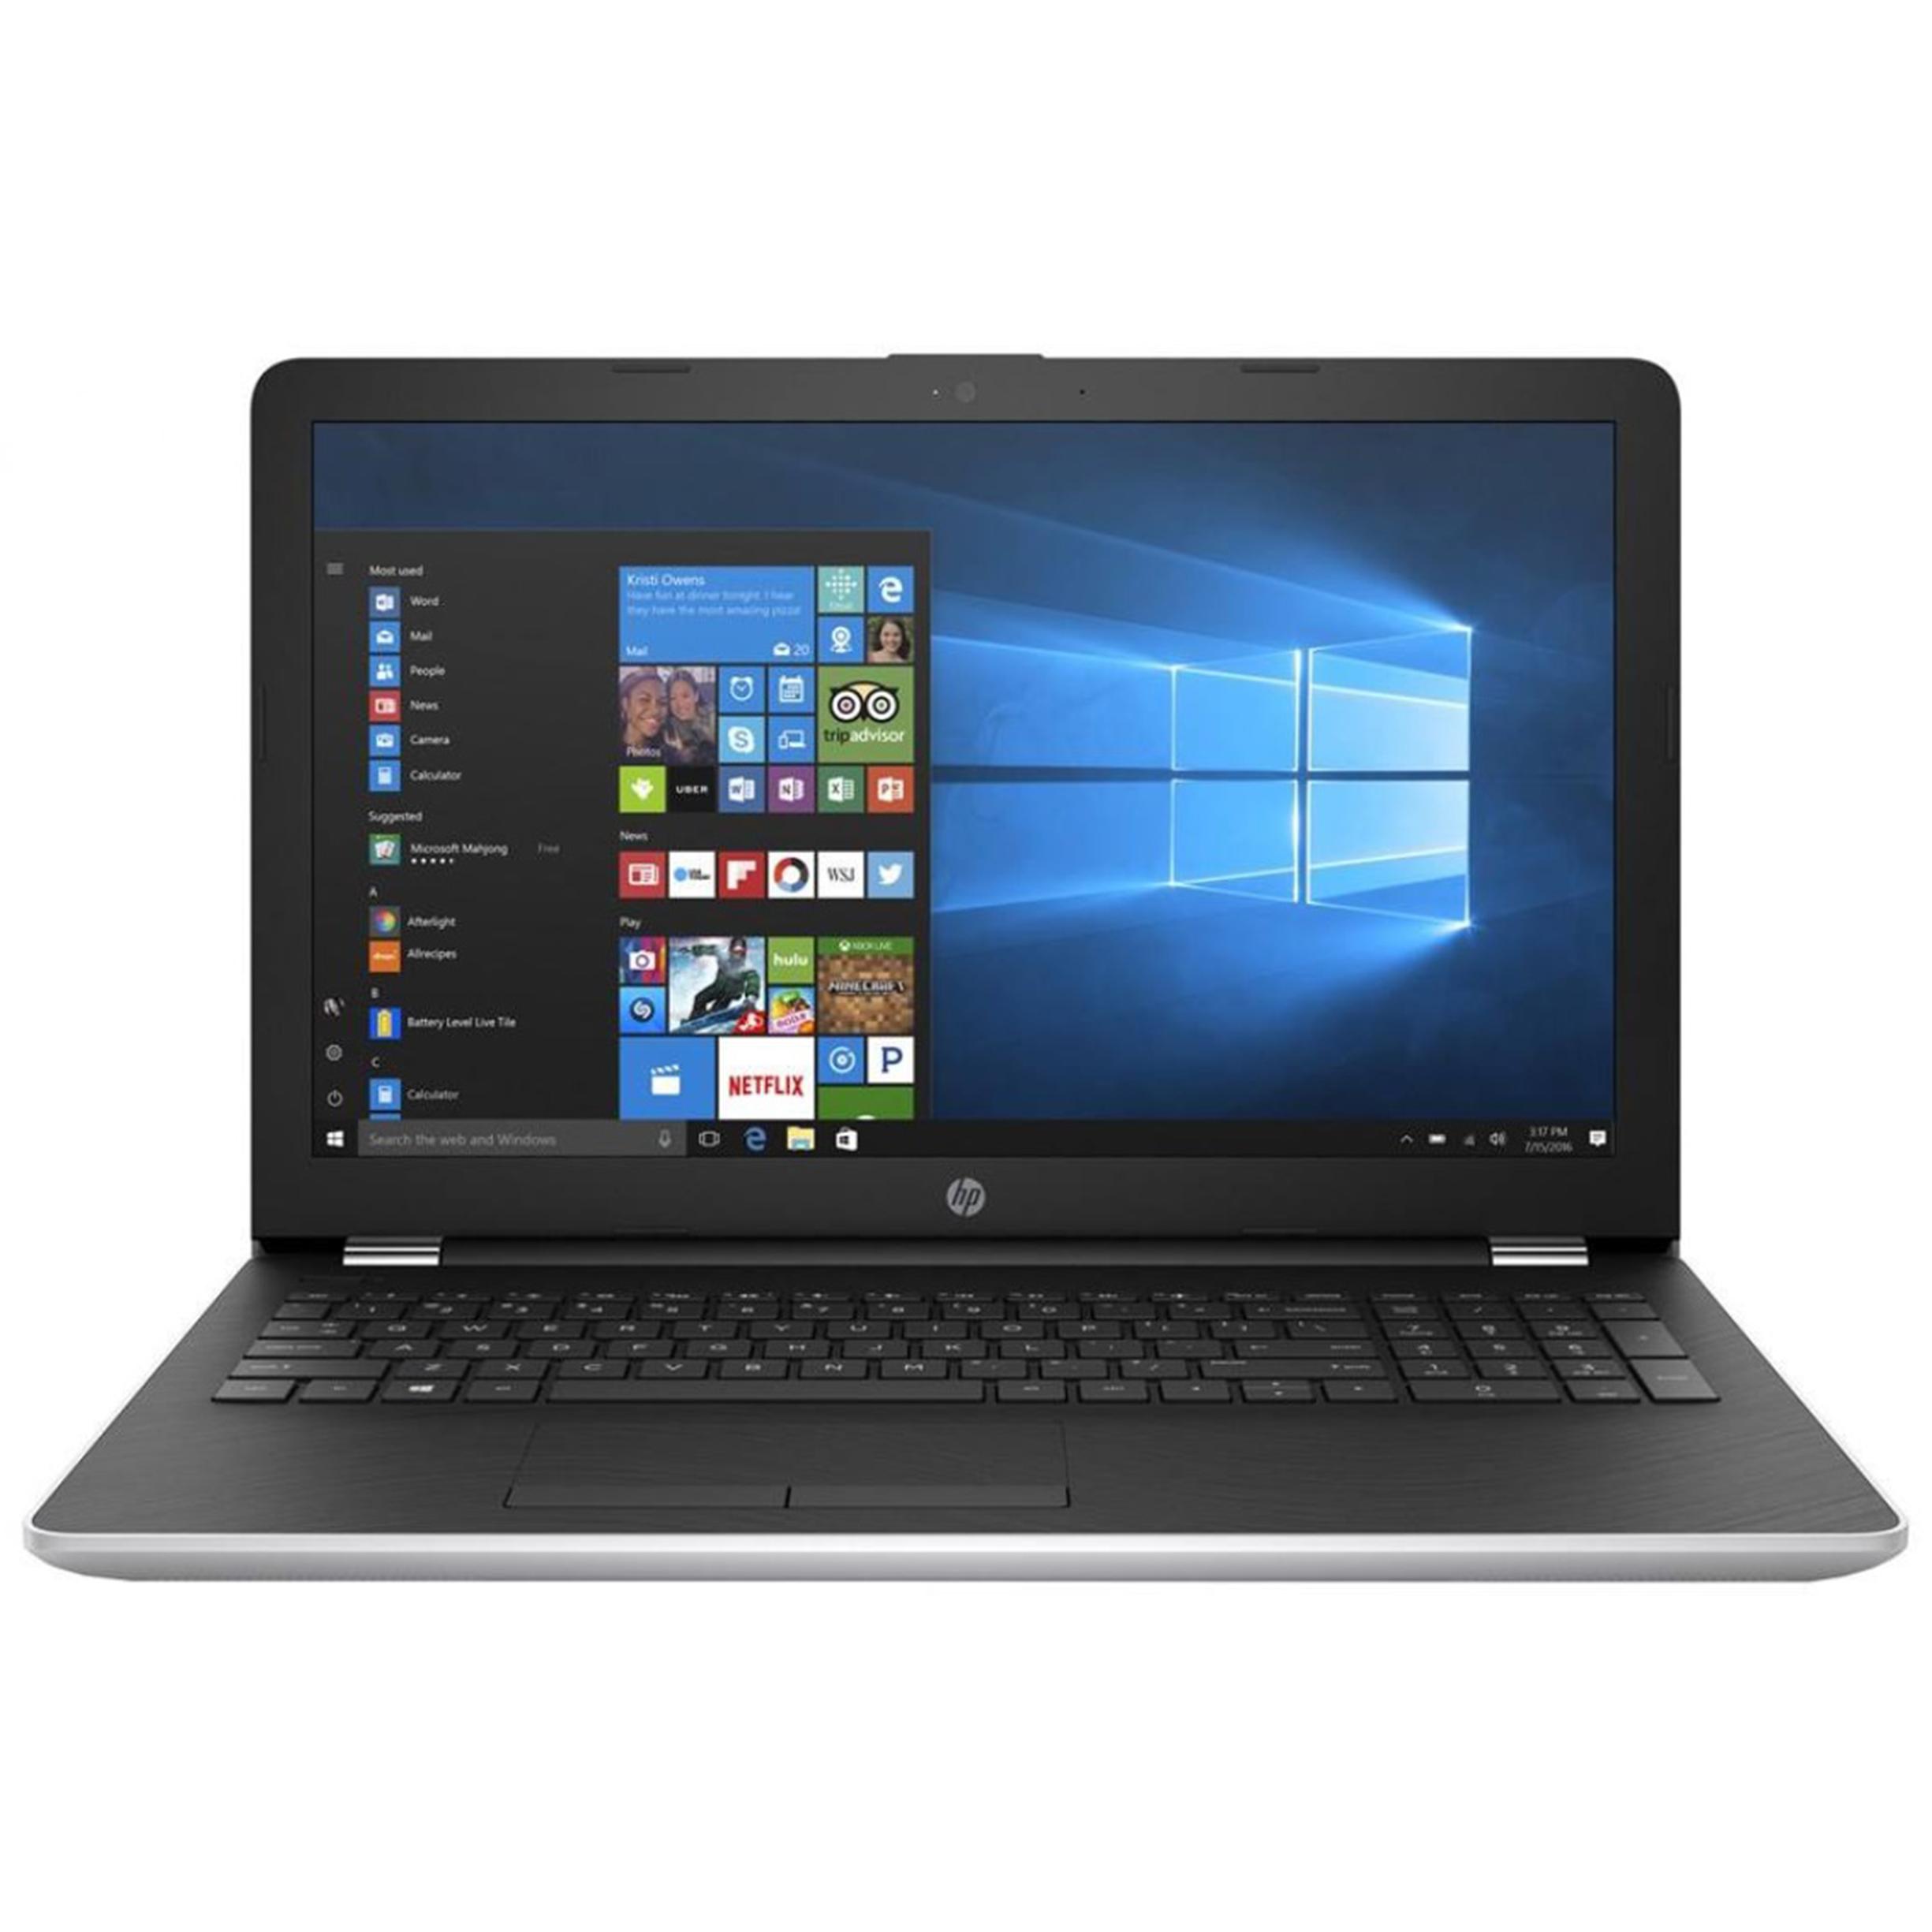 لپ تاپ 15 اینچی اچ پی مدل 15-bs100-C